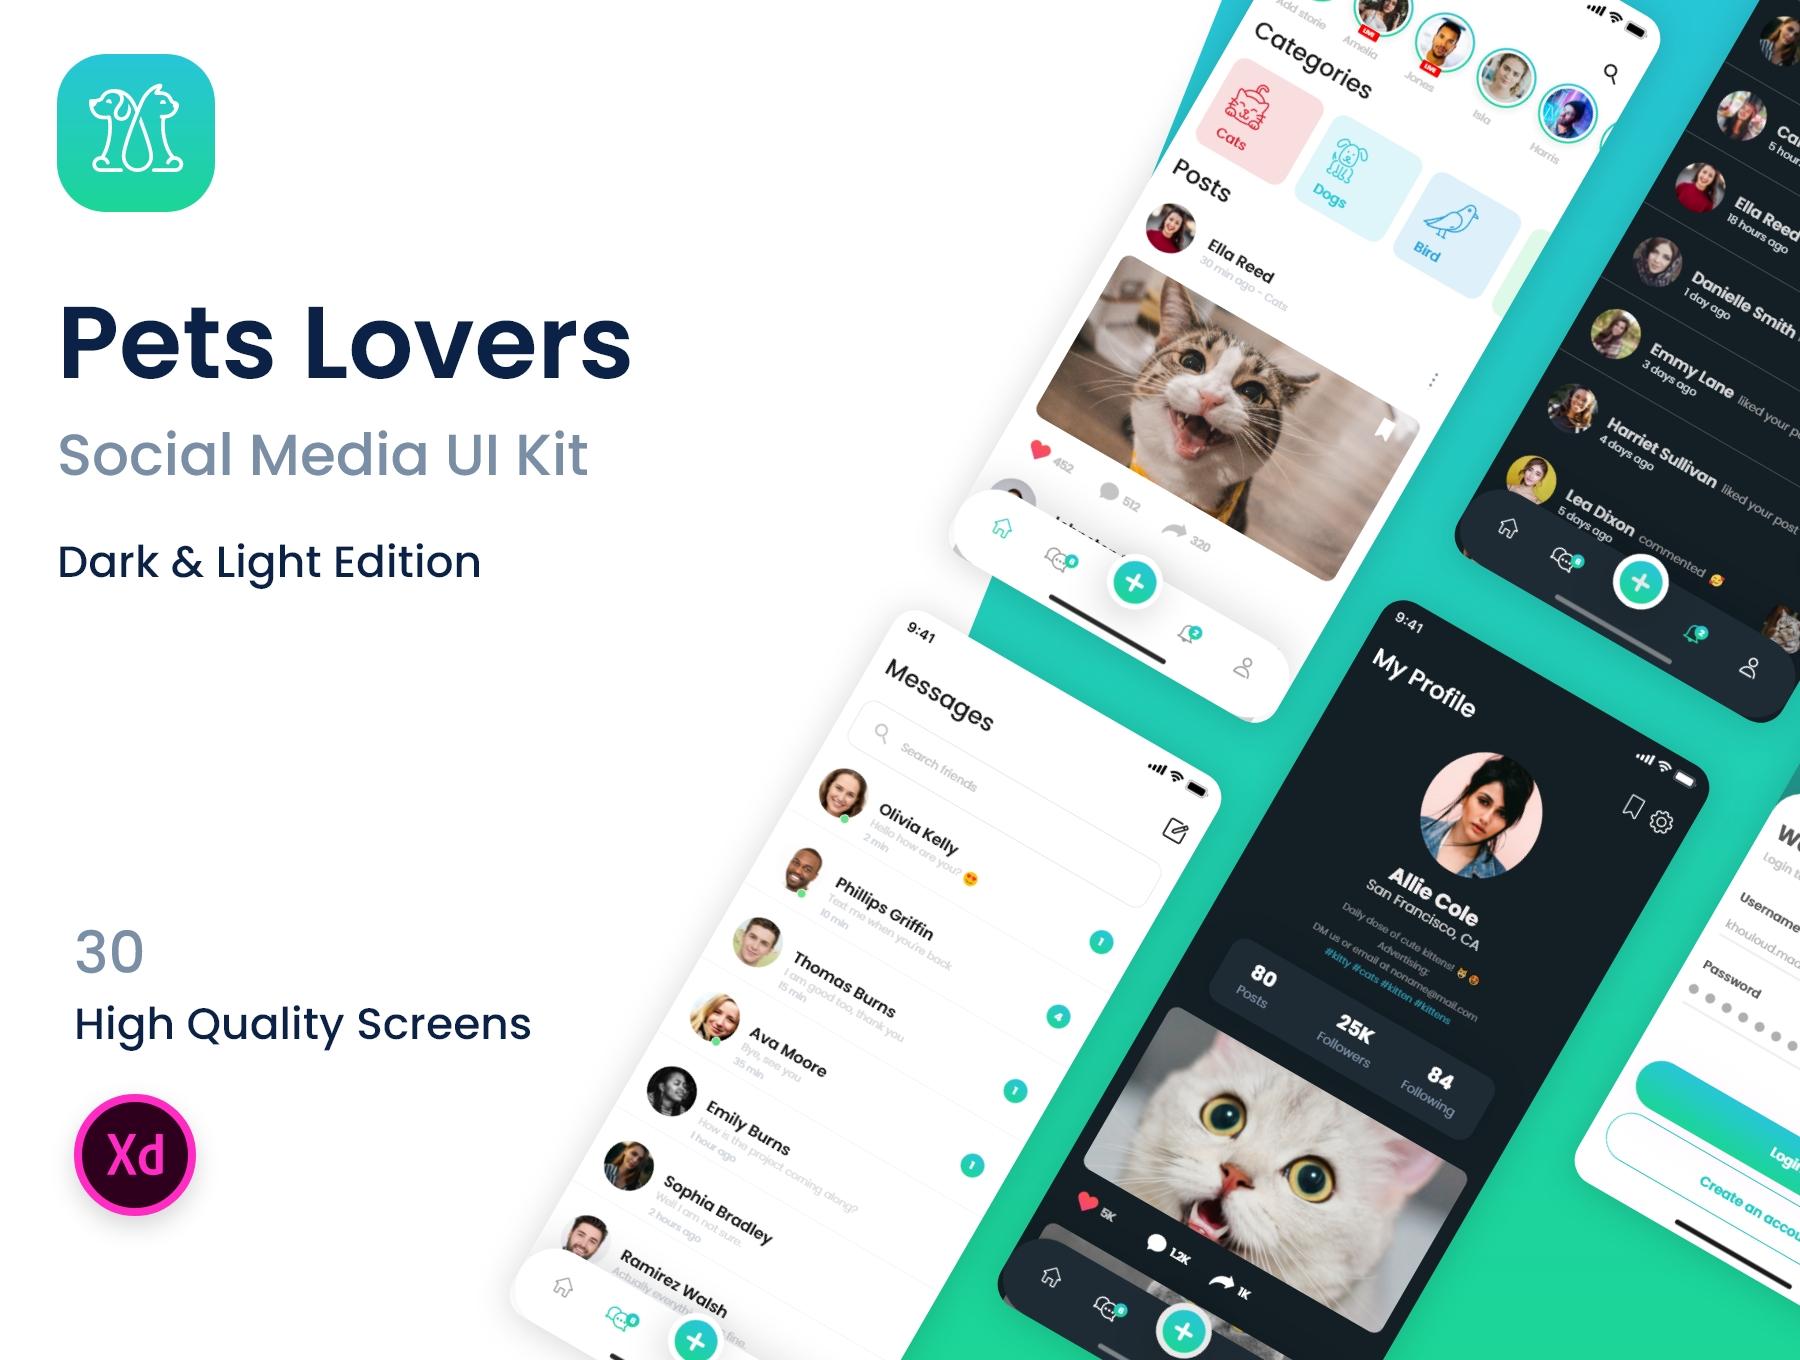 新媒体交友应用APP界面设计UI套件 PetsLovers – Social Media APP UI Kit插图